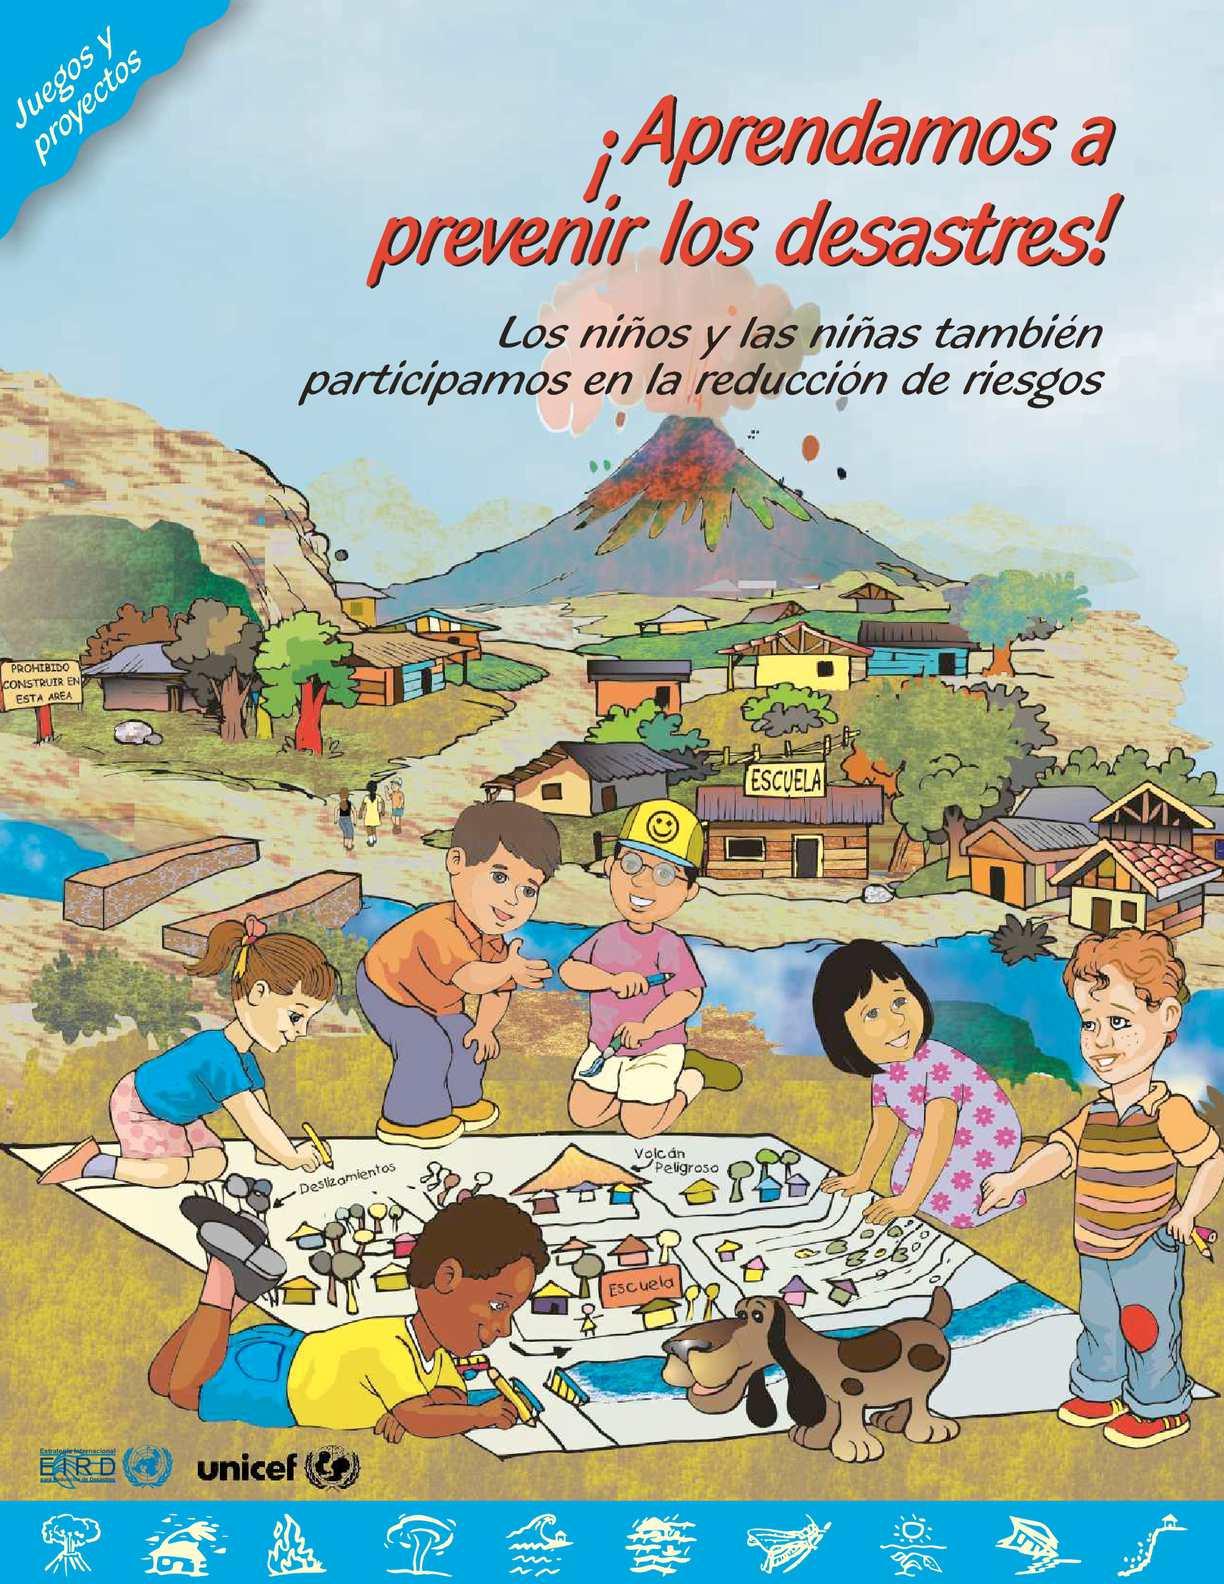 Calam o aprendamos a prevenir los desastres - Ambientadores naturales para la casa ...